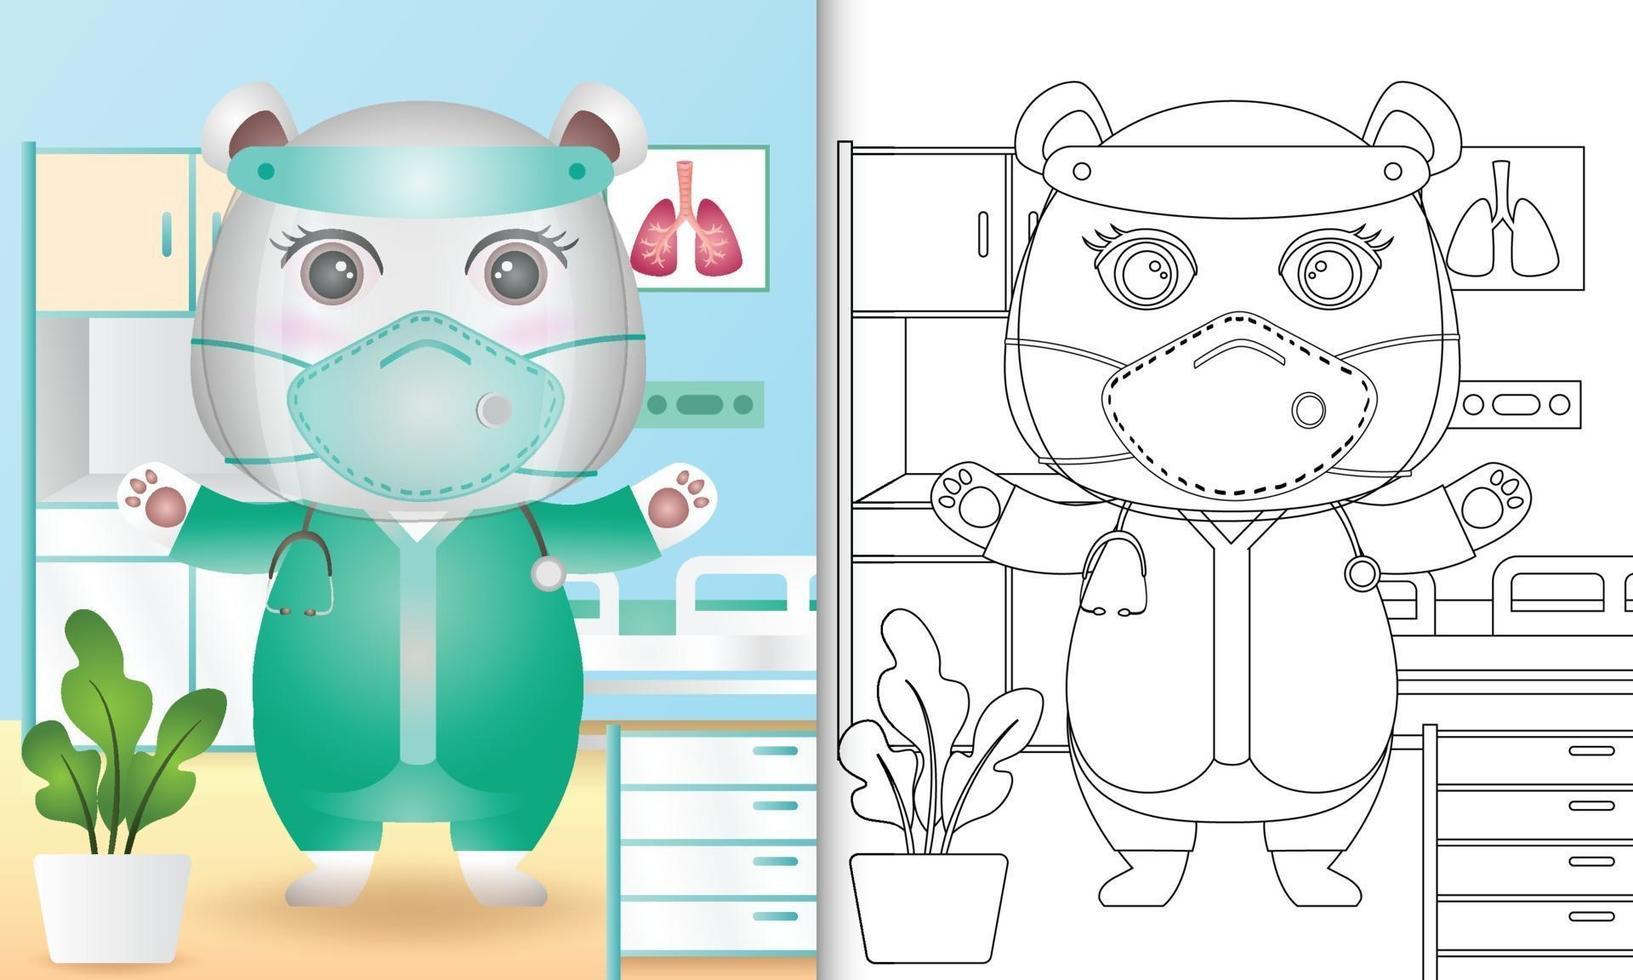 kleurboek voor kinderen met een schattige ijsbeer karakter illustratie vector